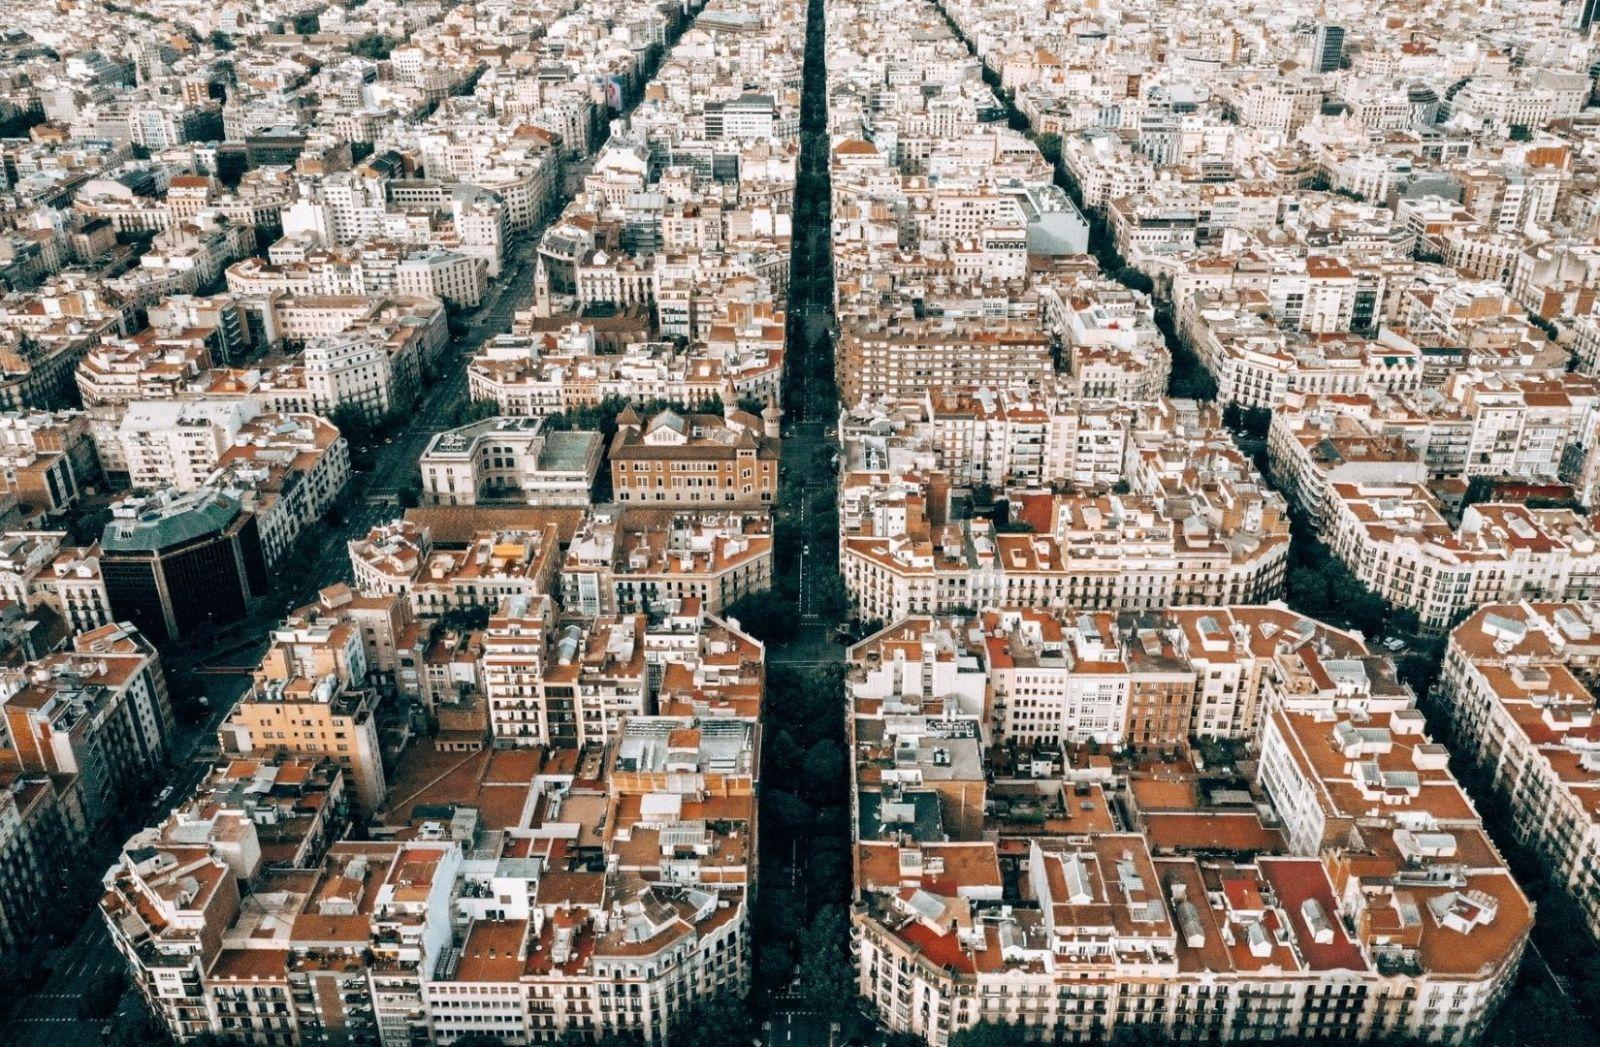 Die politische Analyse zur Situation in Katalonien. Barcelona ist die Hauptstadt der autonomen Region. (Foto: Kaspars Upmanis, Unsplash.com)